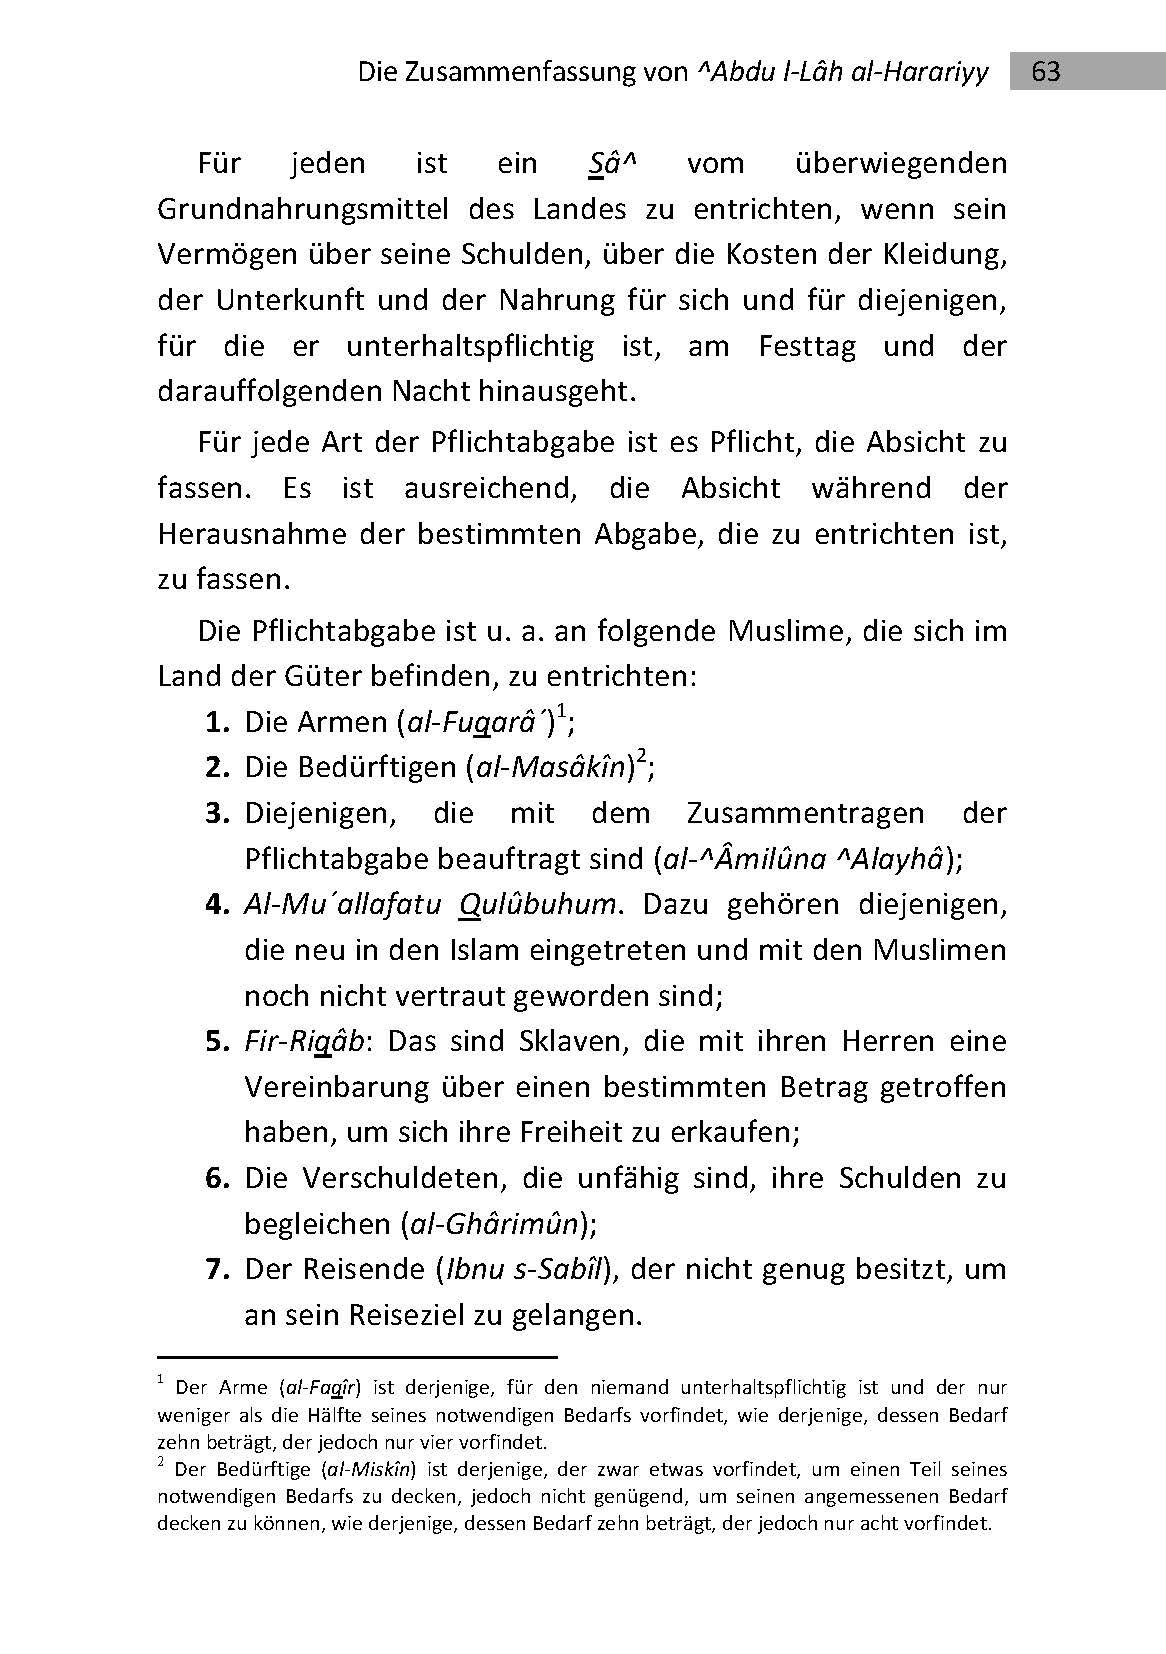 Die Zusammenfassung - 3. Auflage 2014_Seite_63